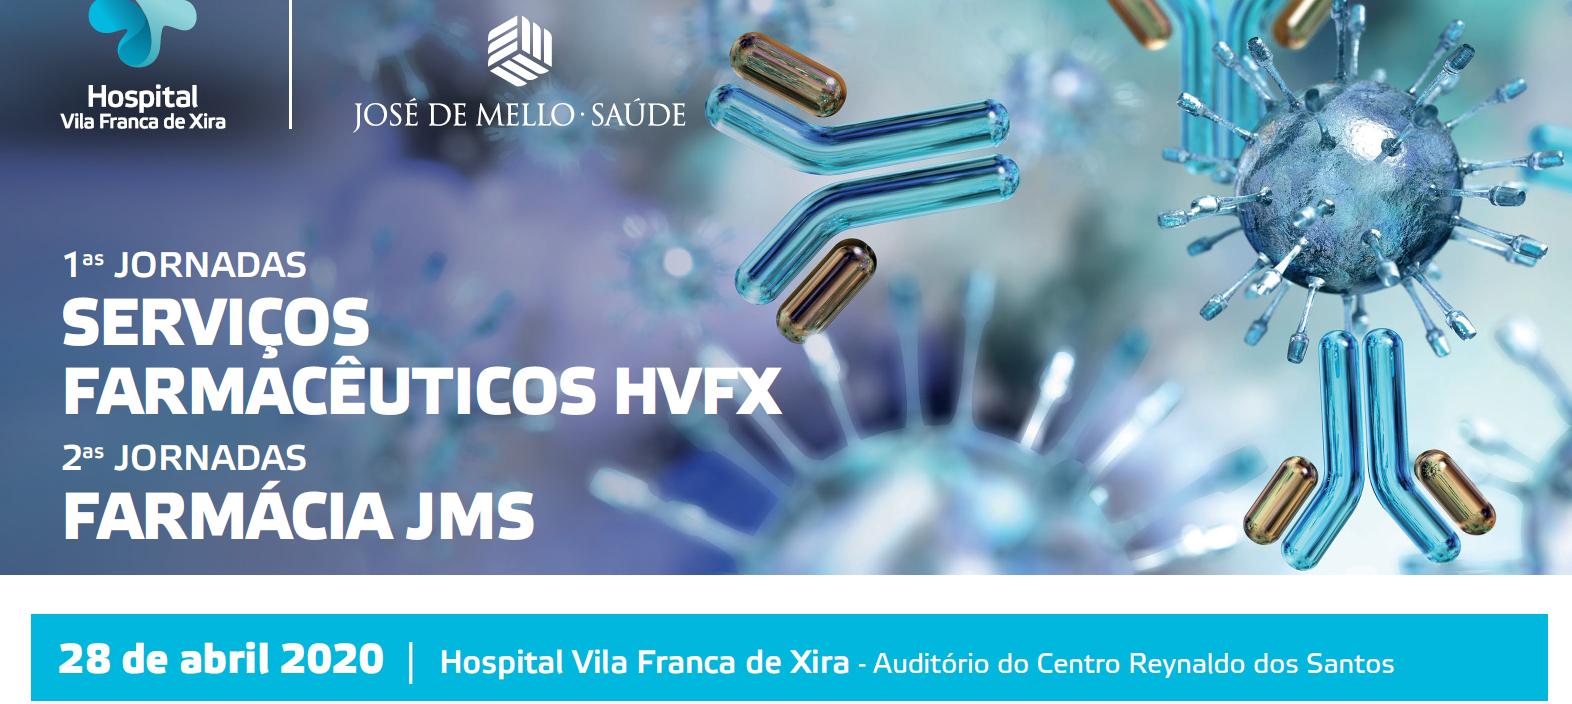 hospital-de-vila-franca-de-xira-1as Jornadas dos Serviços Farmacêuticos HVFX e 2as Jornadas Farmácia JMS